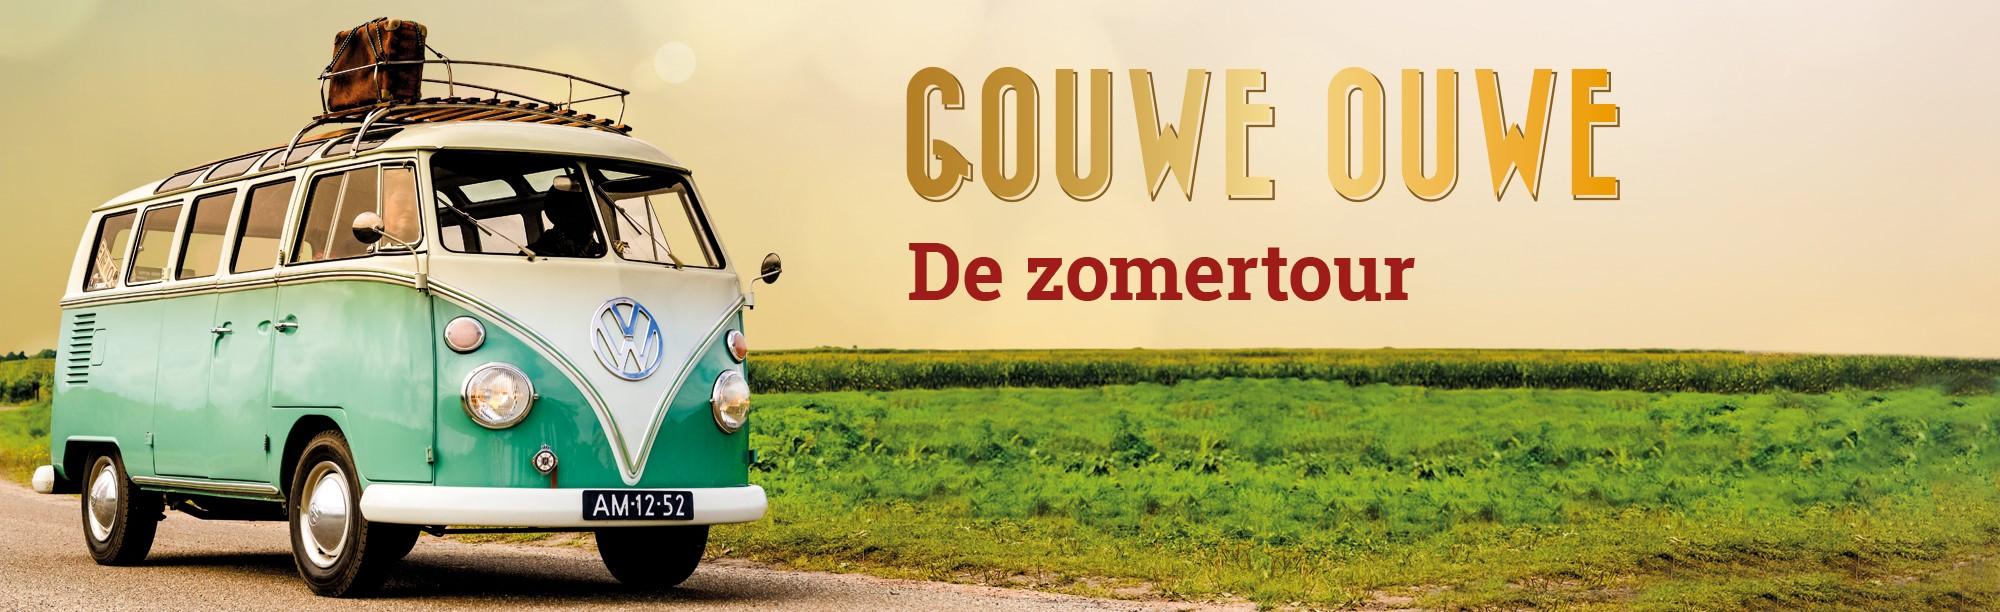 Zomertour_Gouwe_Ouwe